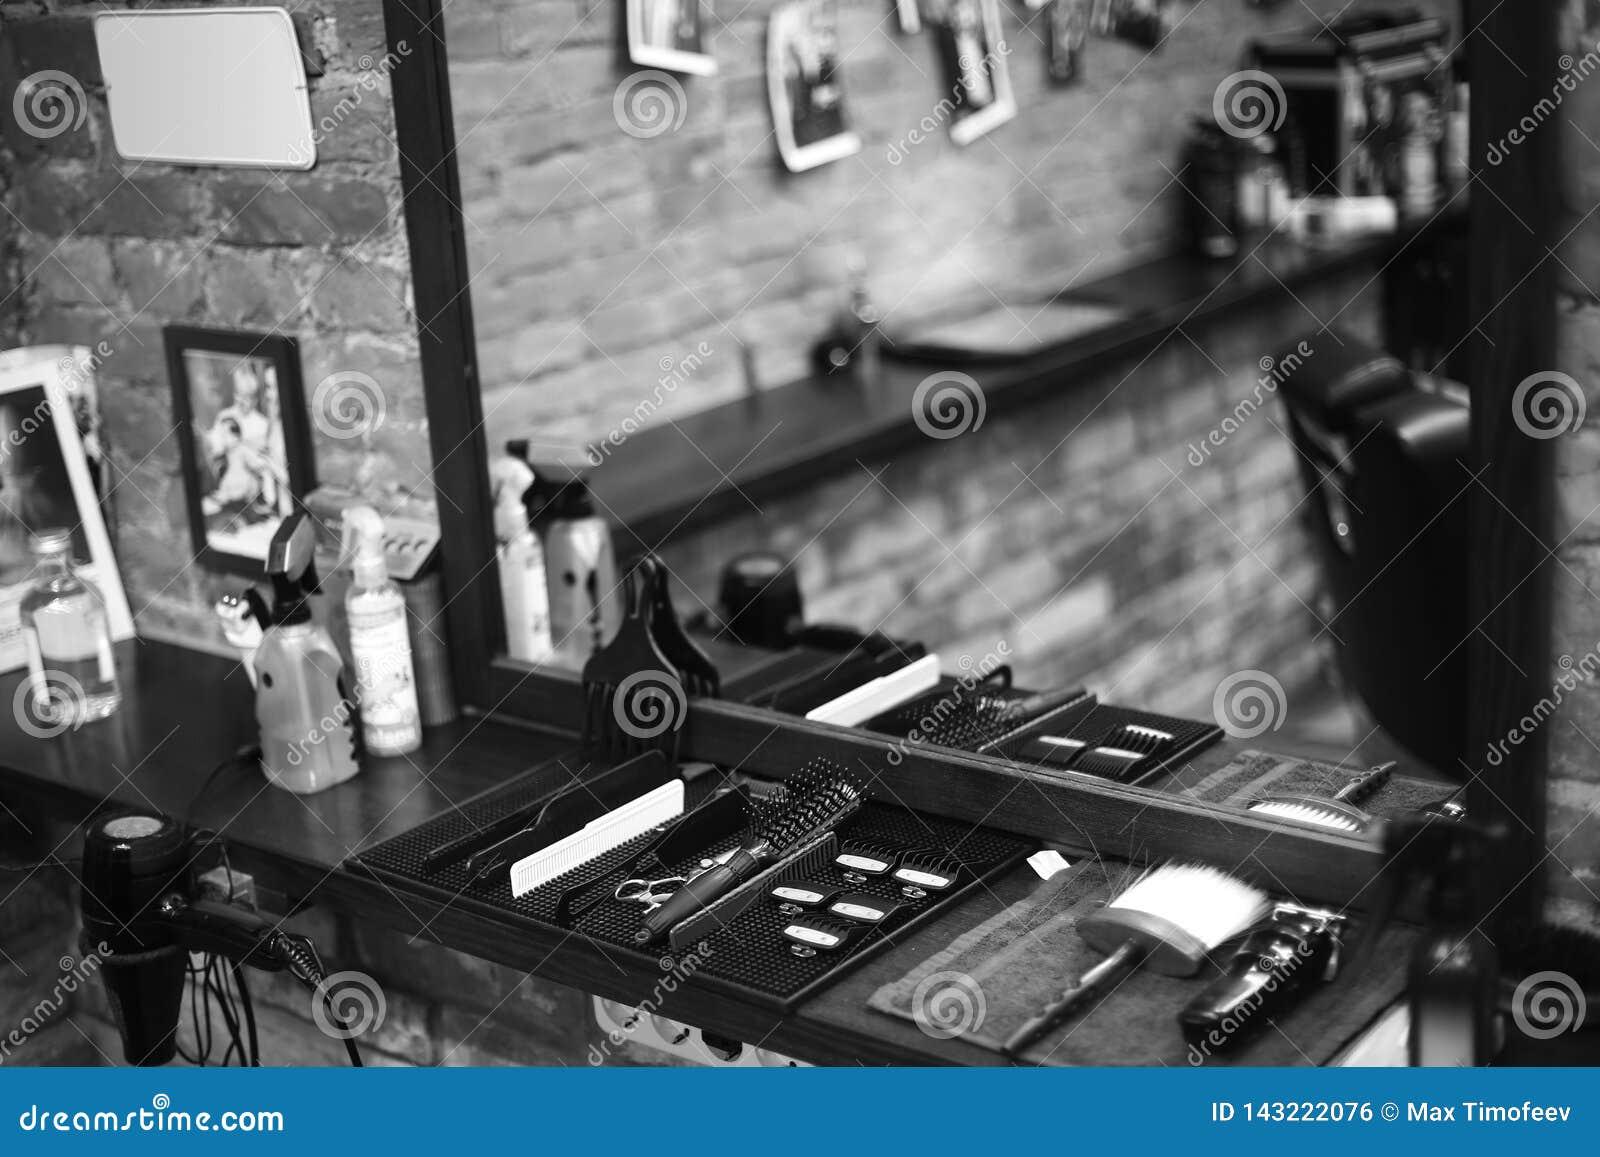 O local de trabalho do barbeiro Ferramentas para um penteado Imagem preto e branco